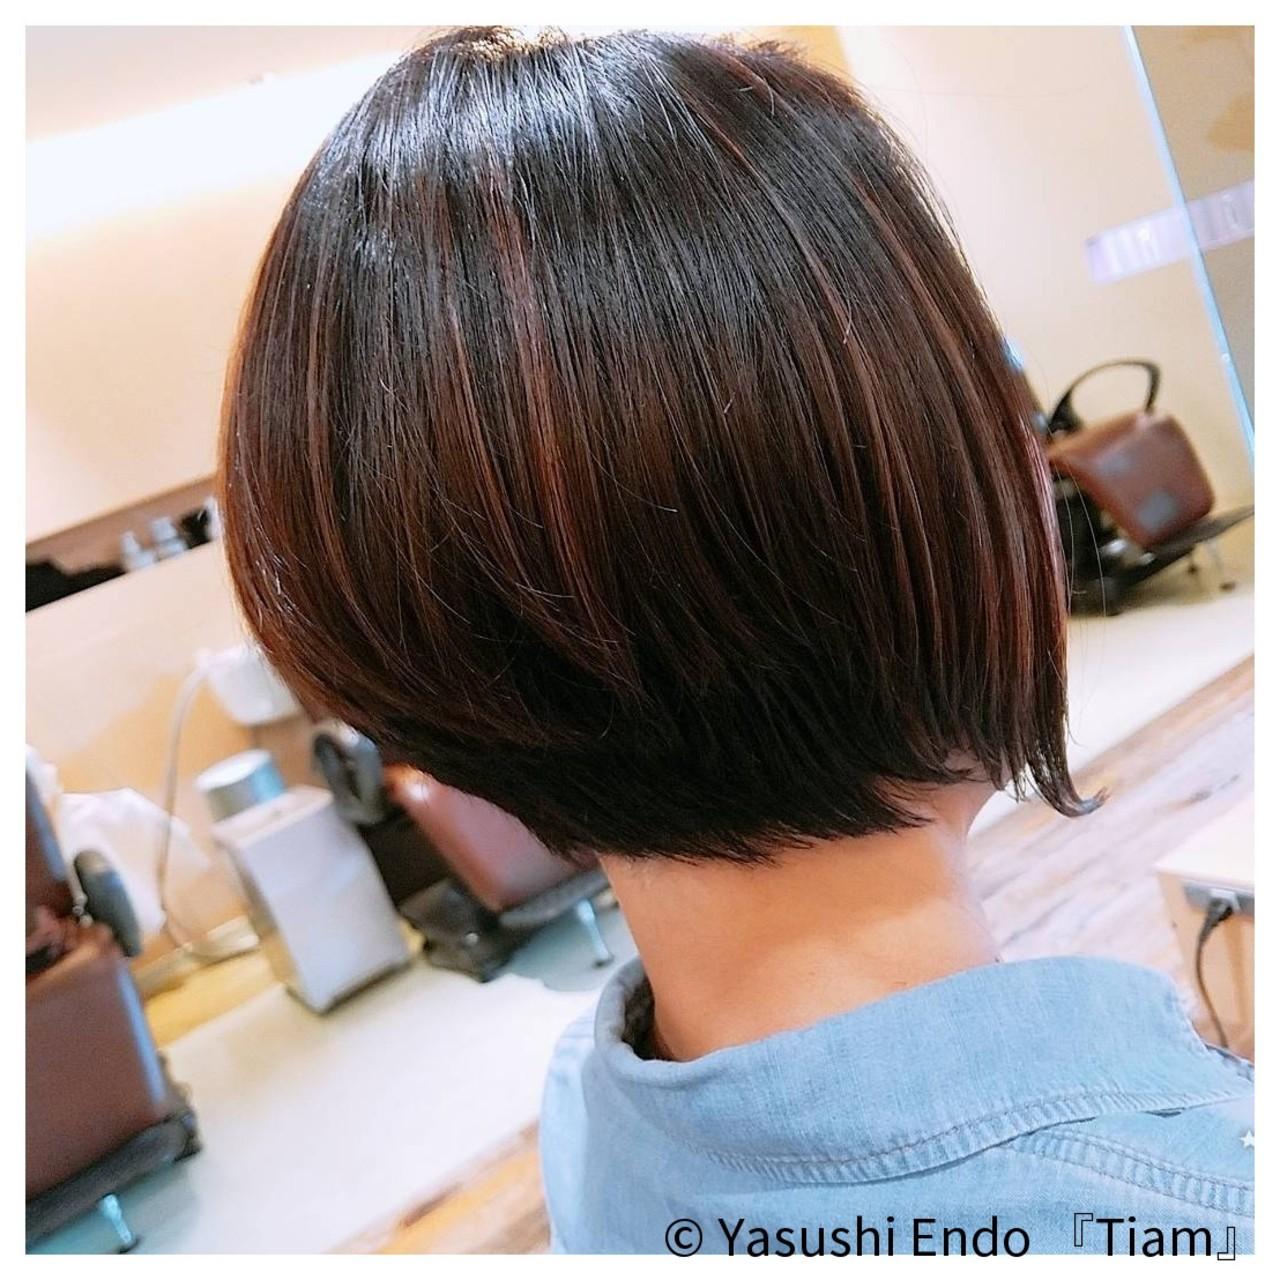 イルミナカラー モード 大人ヘアスタイル 大人カジュアル ヘアスタイルや髪型の写真・画像 | Yasushi Endo 『Tiam』 / Tiam Hair 弘明寺